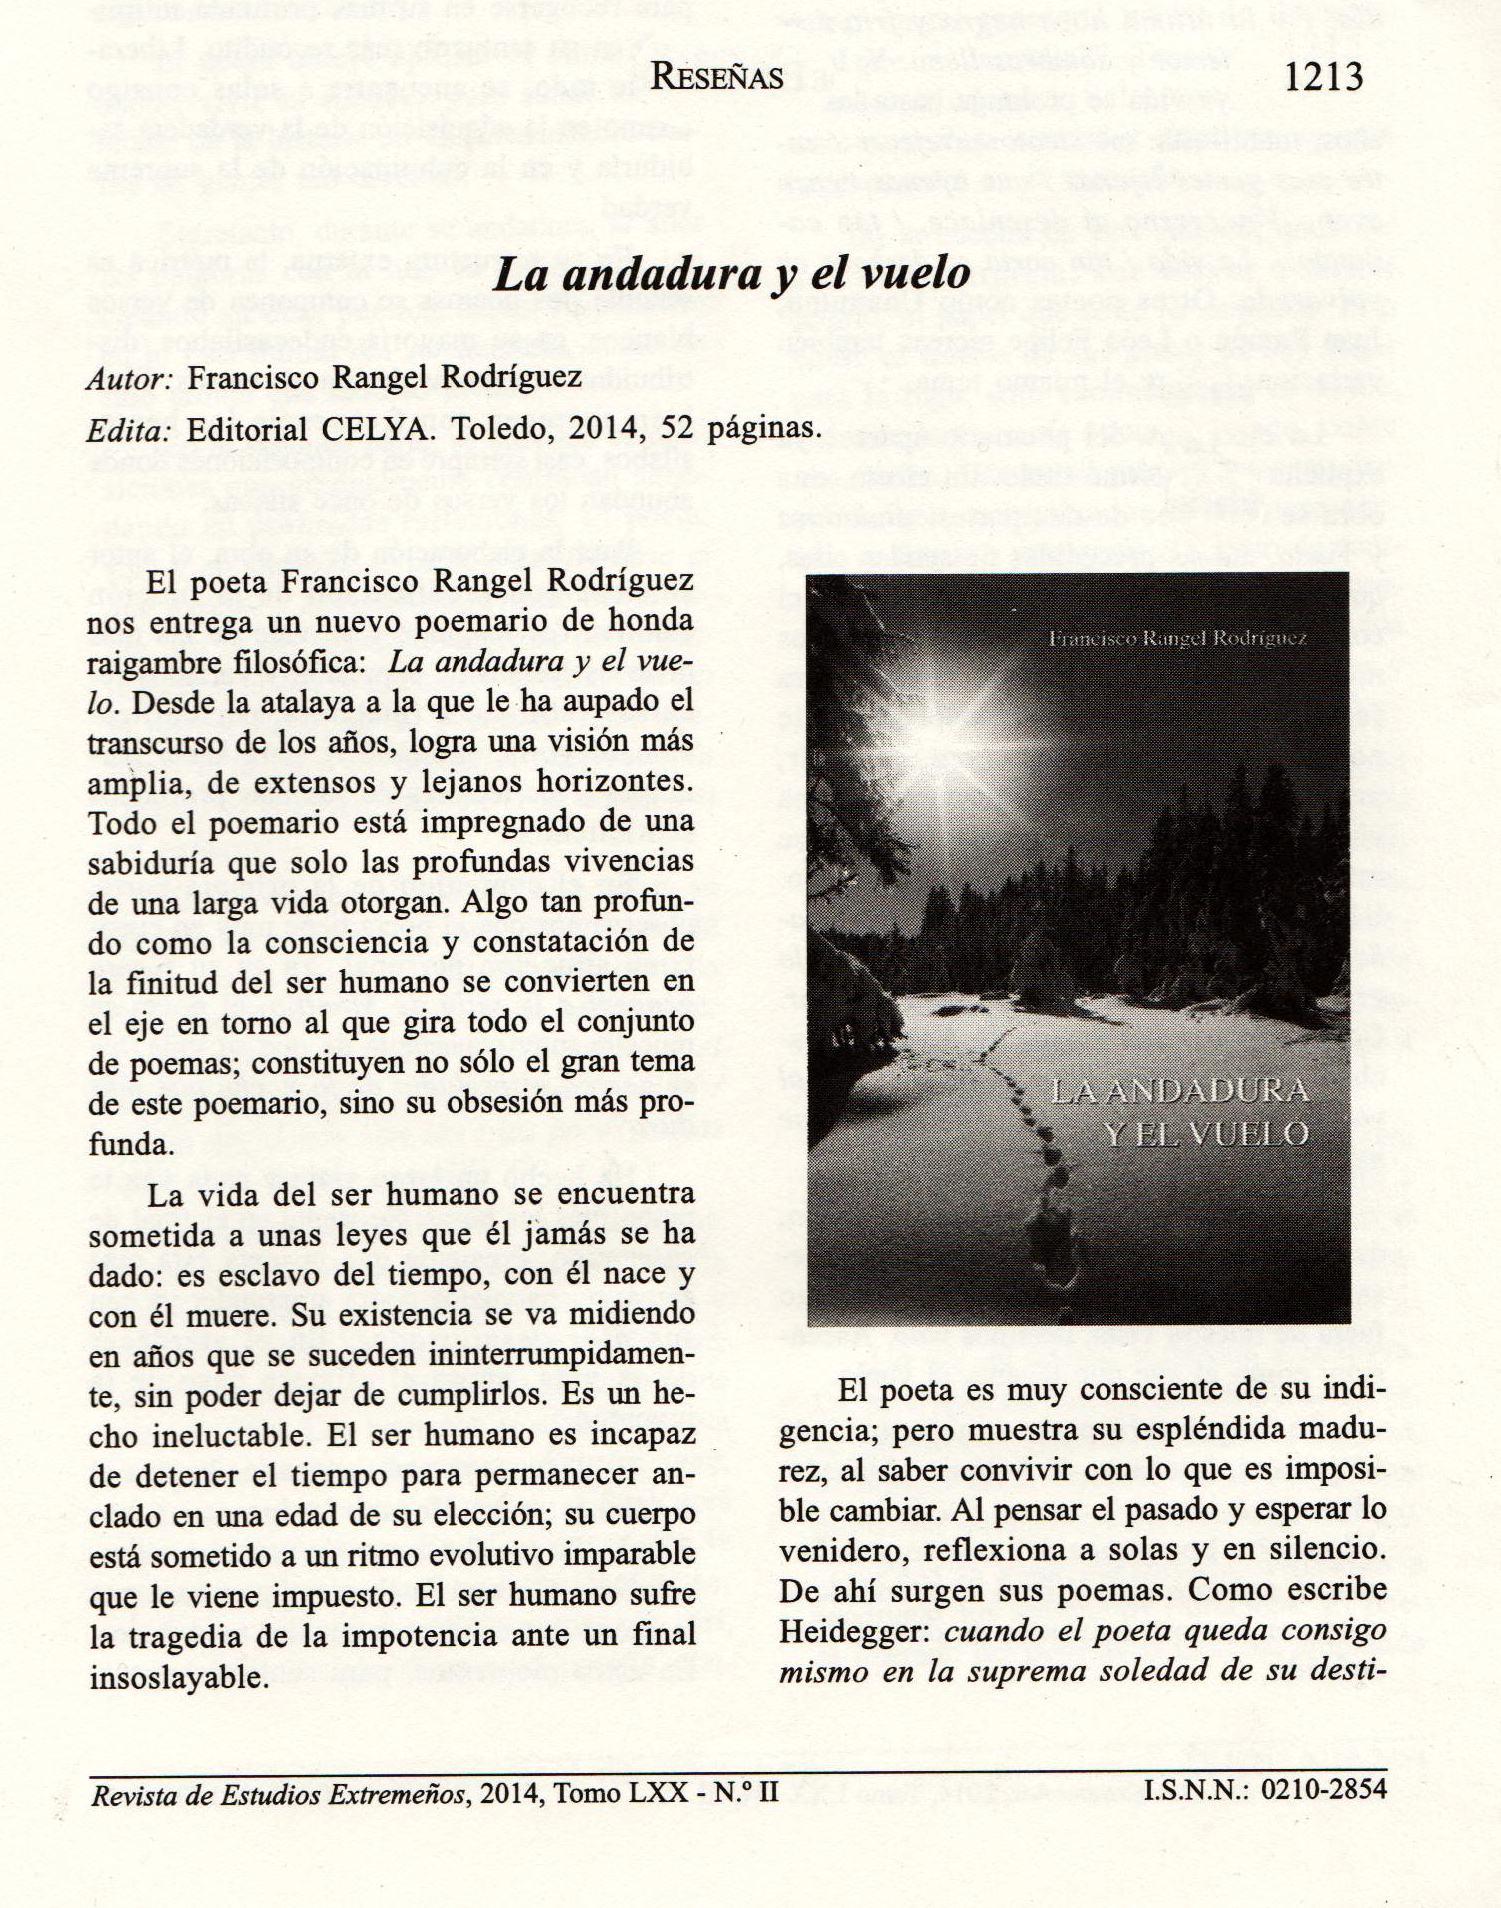 REVISTA DE ESTUDIOS EXTREMEÑOS : La andadura y el vuelo, de Fco. Rangel.